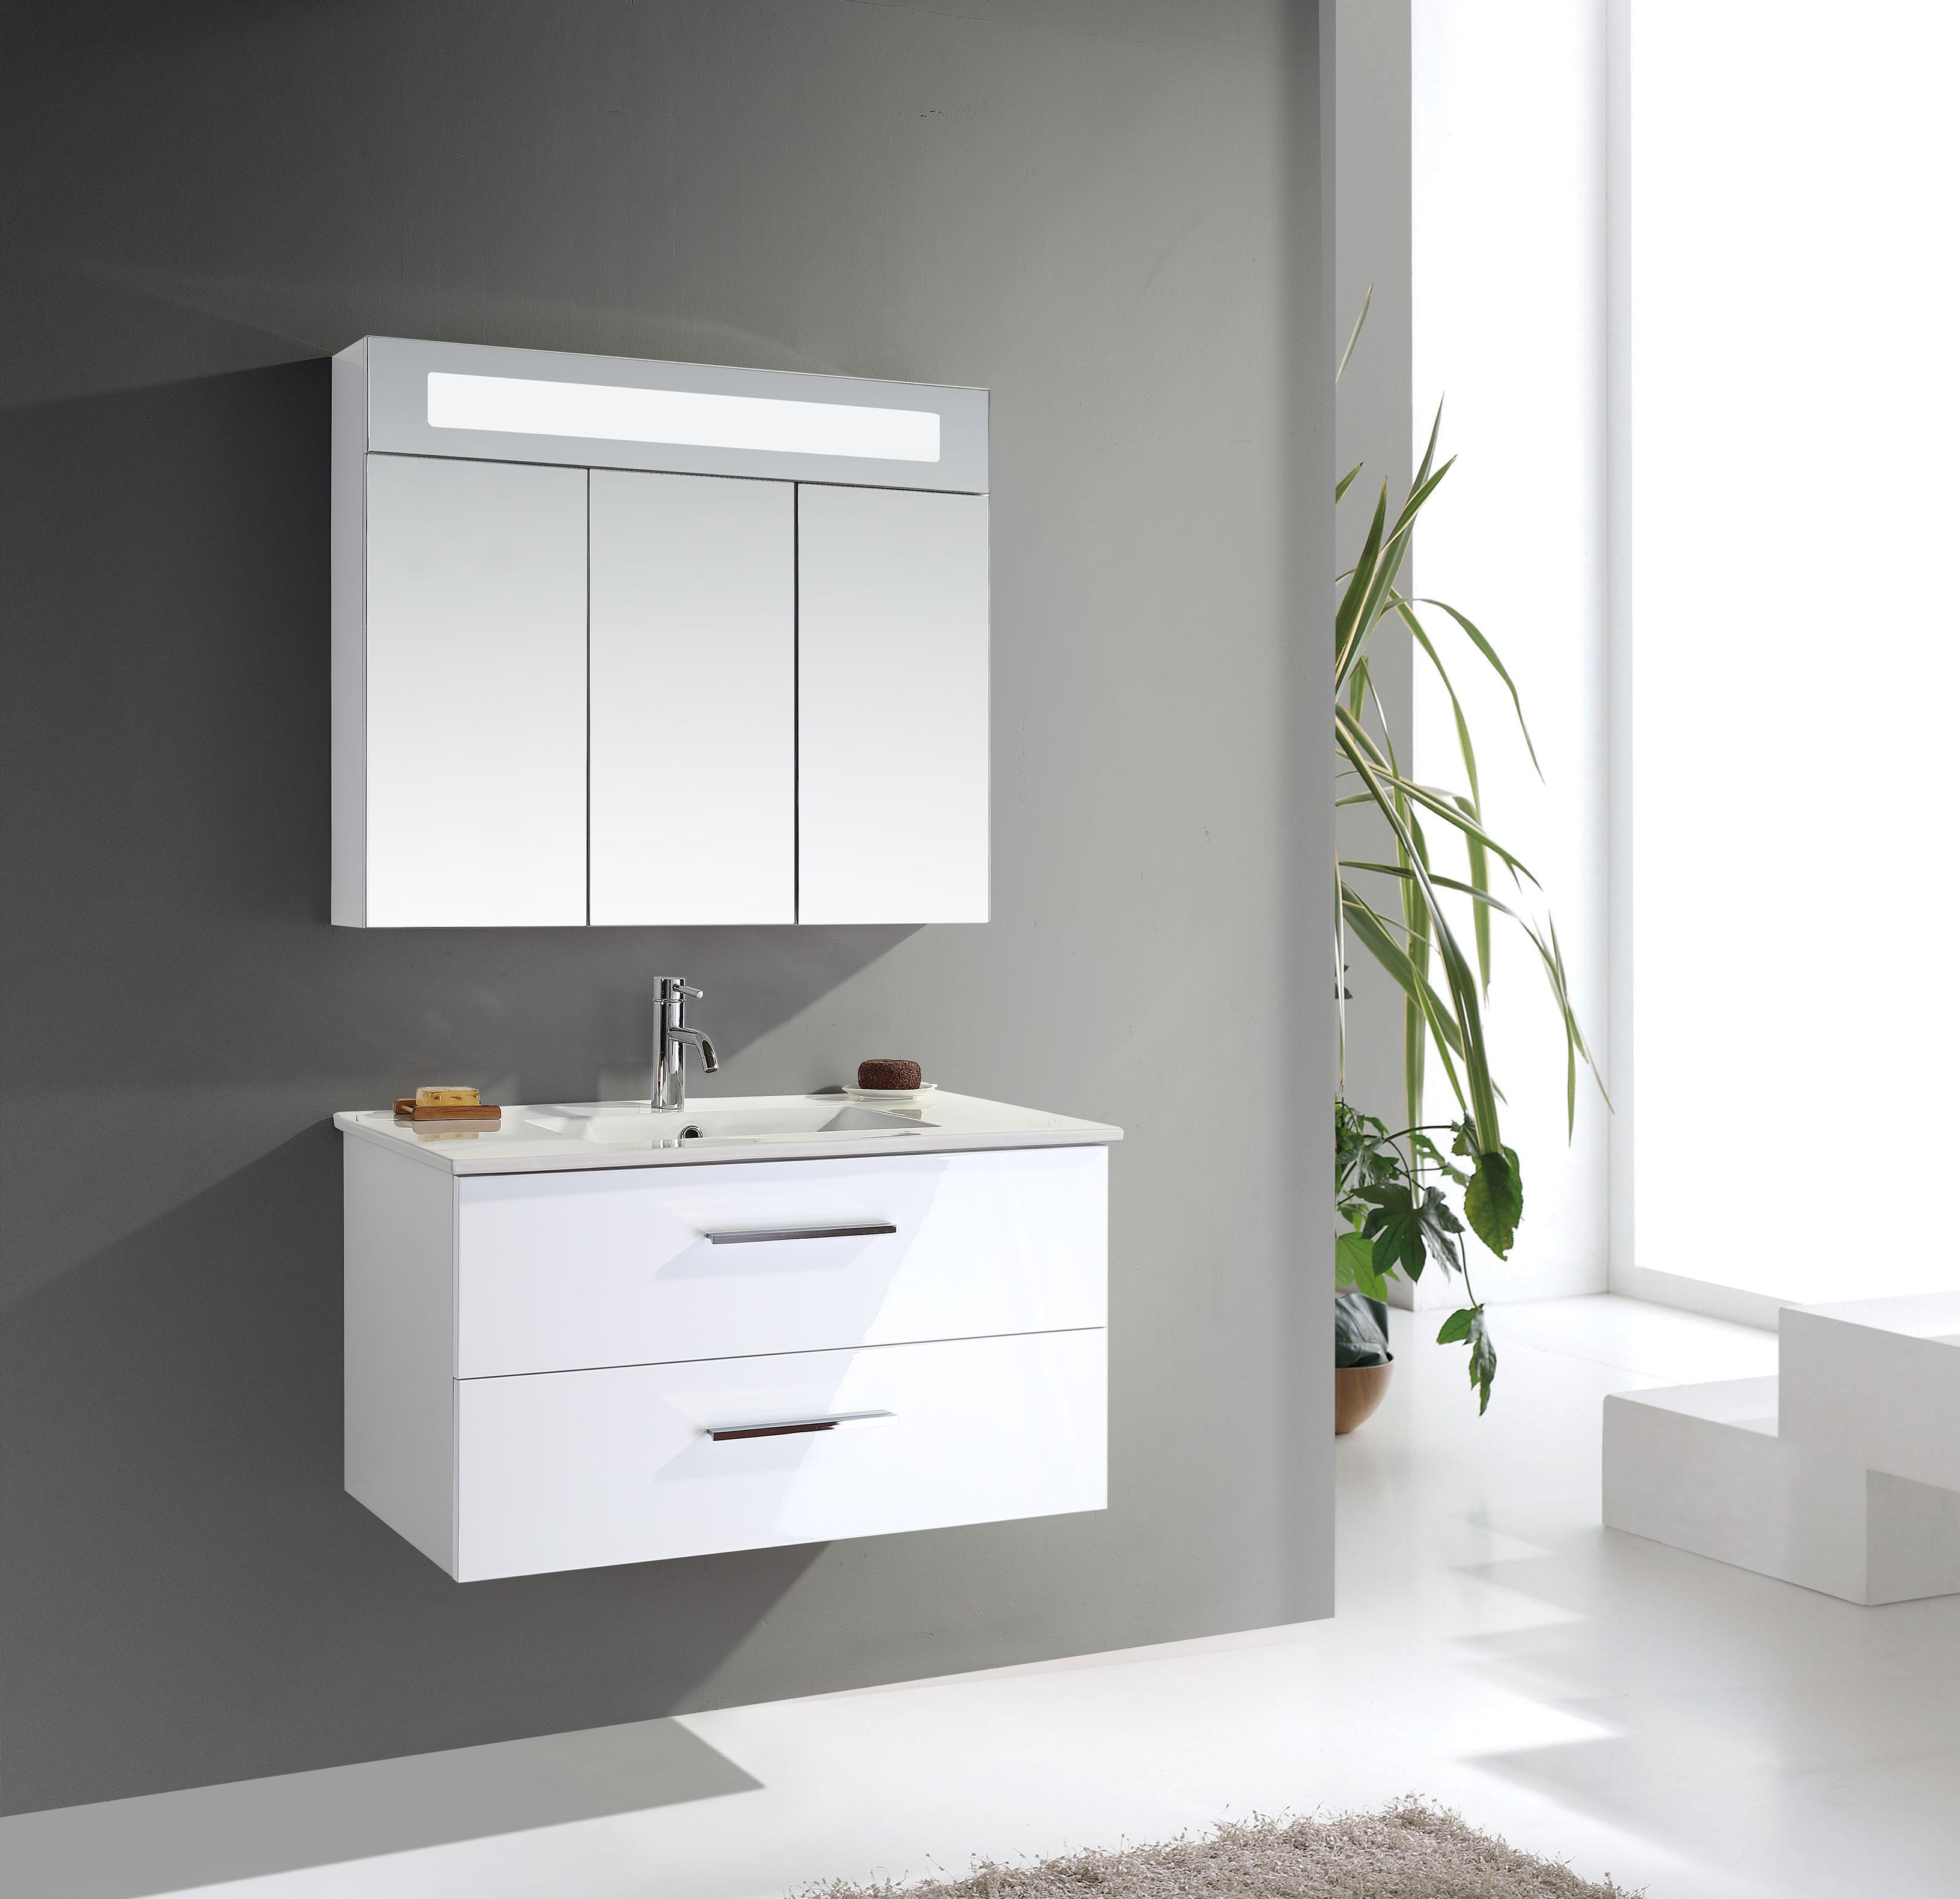 badm bel set 3teilig schwarz wei spiegel schrank badezimmerm bel hochglanz ebay. Black Bedroom Furniture Sets. Home Design Ideas